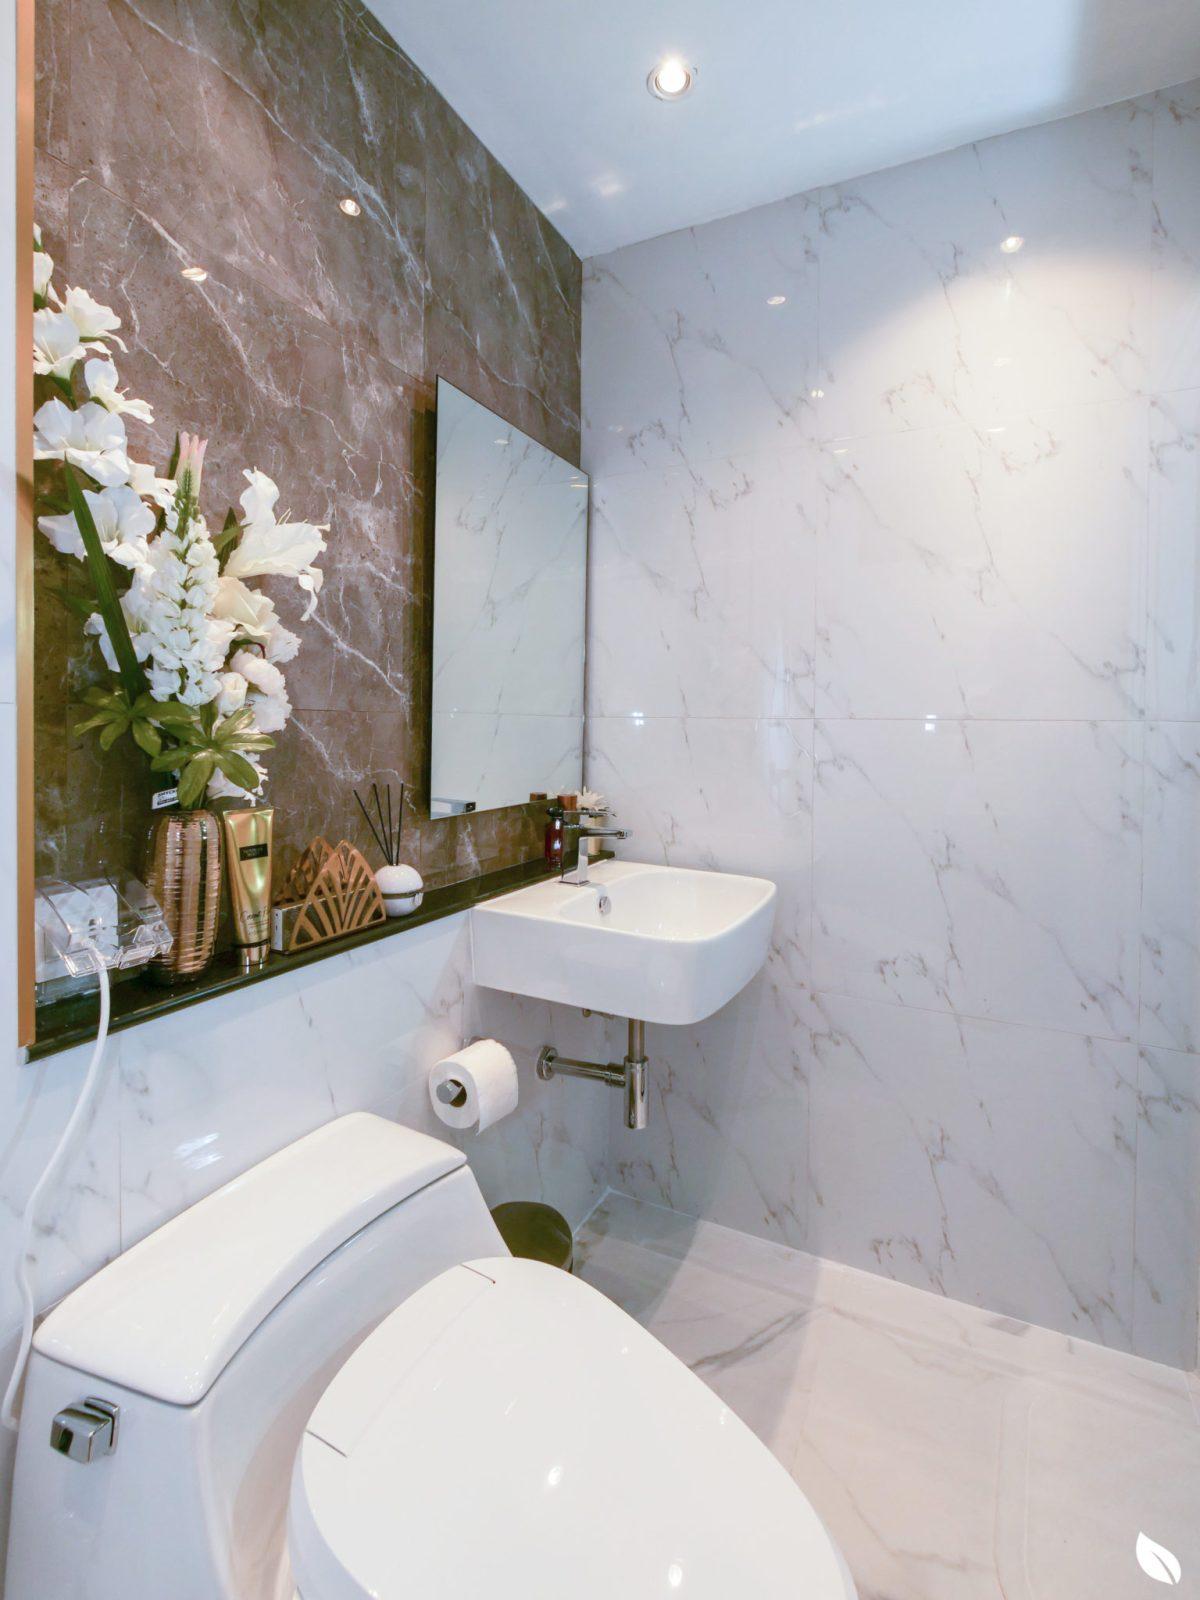 """4 ขั้นตอน """"รีโนเวทห้องน้ำขนาดเล็ก"""" ให้สวยใหม่ จบงานไวใน 2 วัน แบบปูกระเบื้องทับ ไม่ต้องรื้อ 60 - bathroom"""